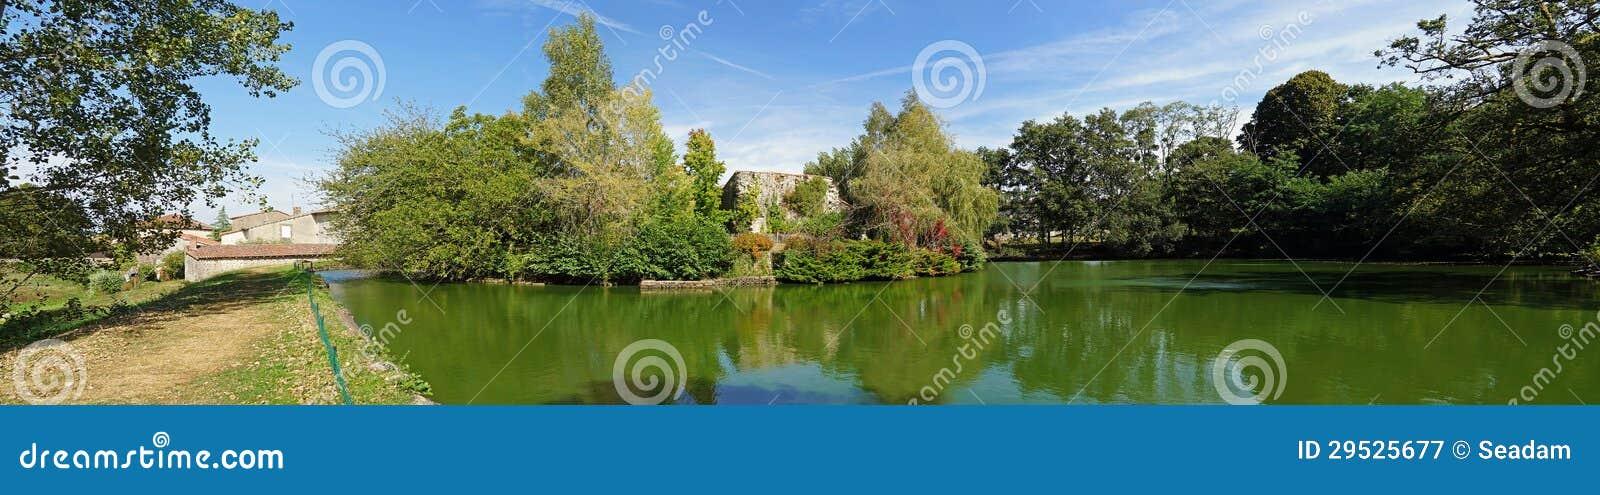 Panorama da lagoa do castelo de Mortemart